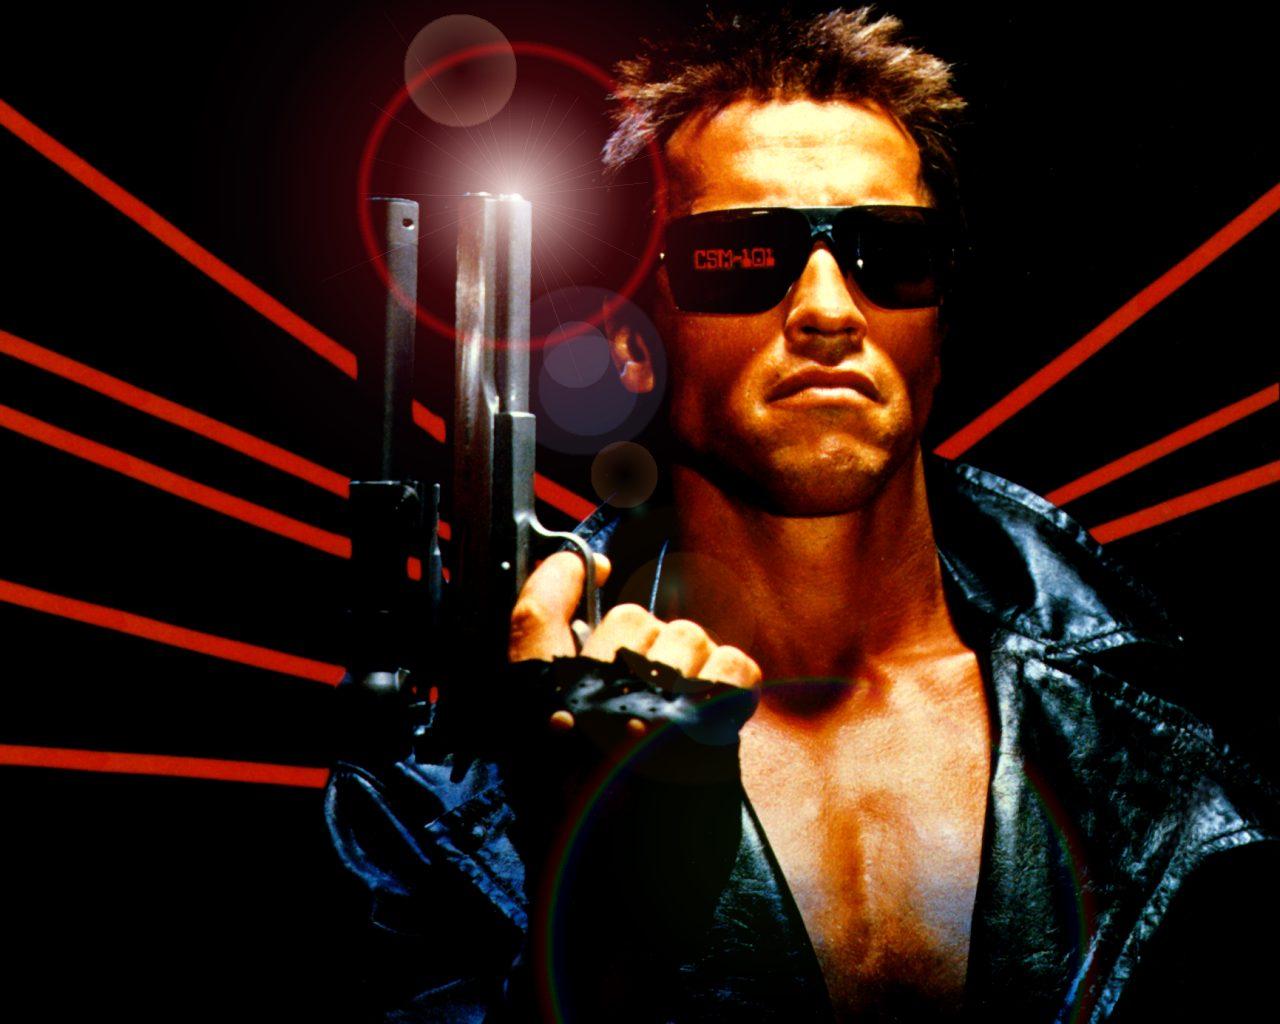 http://2.bp.blogspot.com/-dri-Jvi2kSQ/UT9-e1GtGJI/AAAAAAAAIBg/GSobrO__FFc/s1600/Arnold-Schwarzenegger-Terminator-Wallpaper.jpg